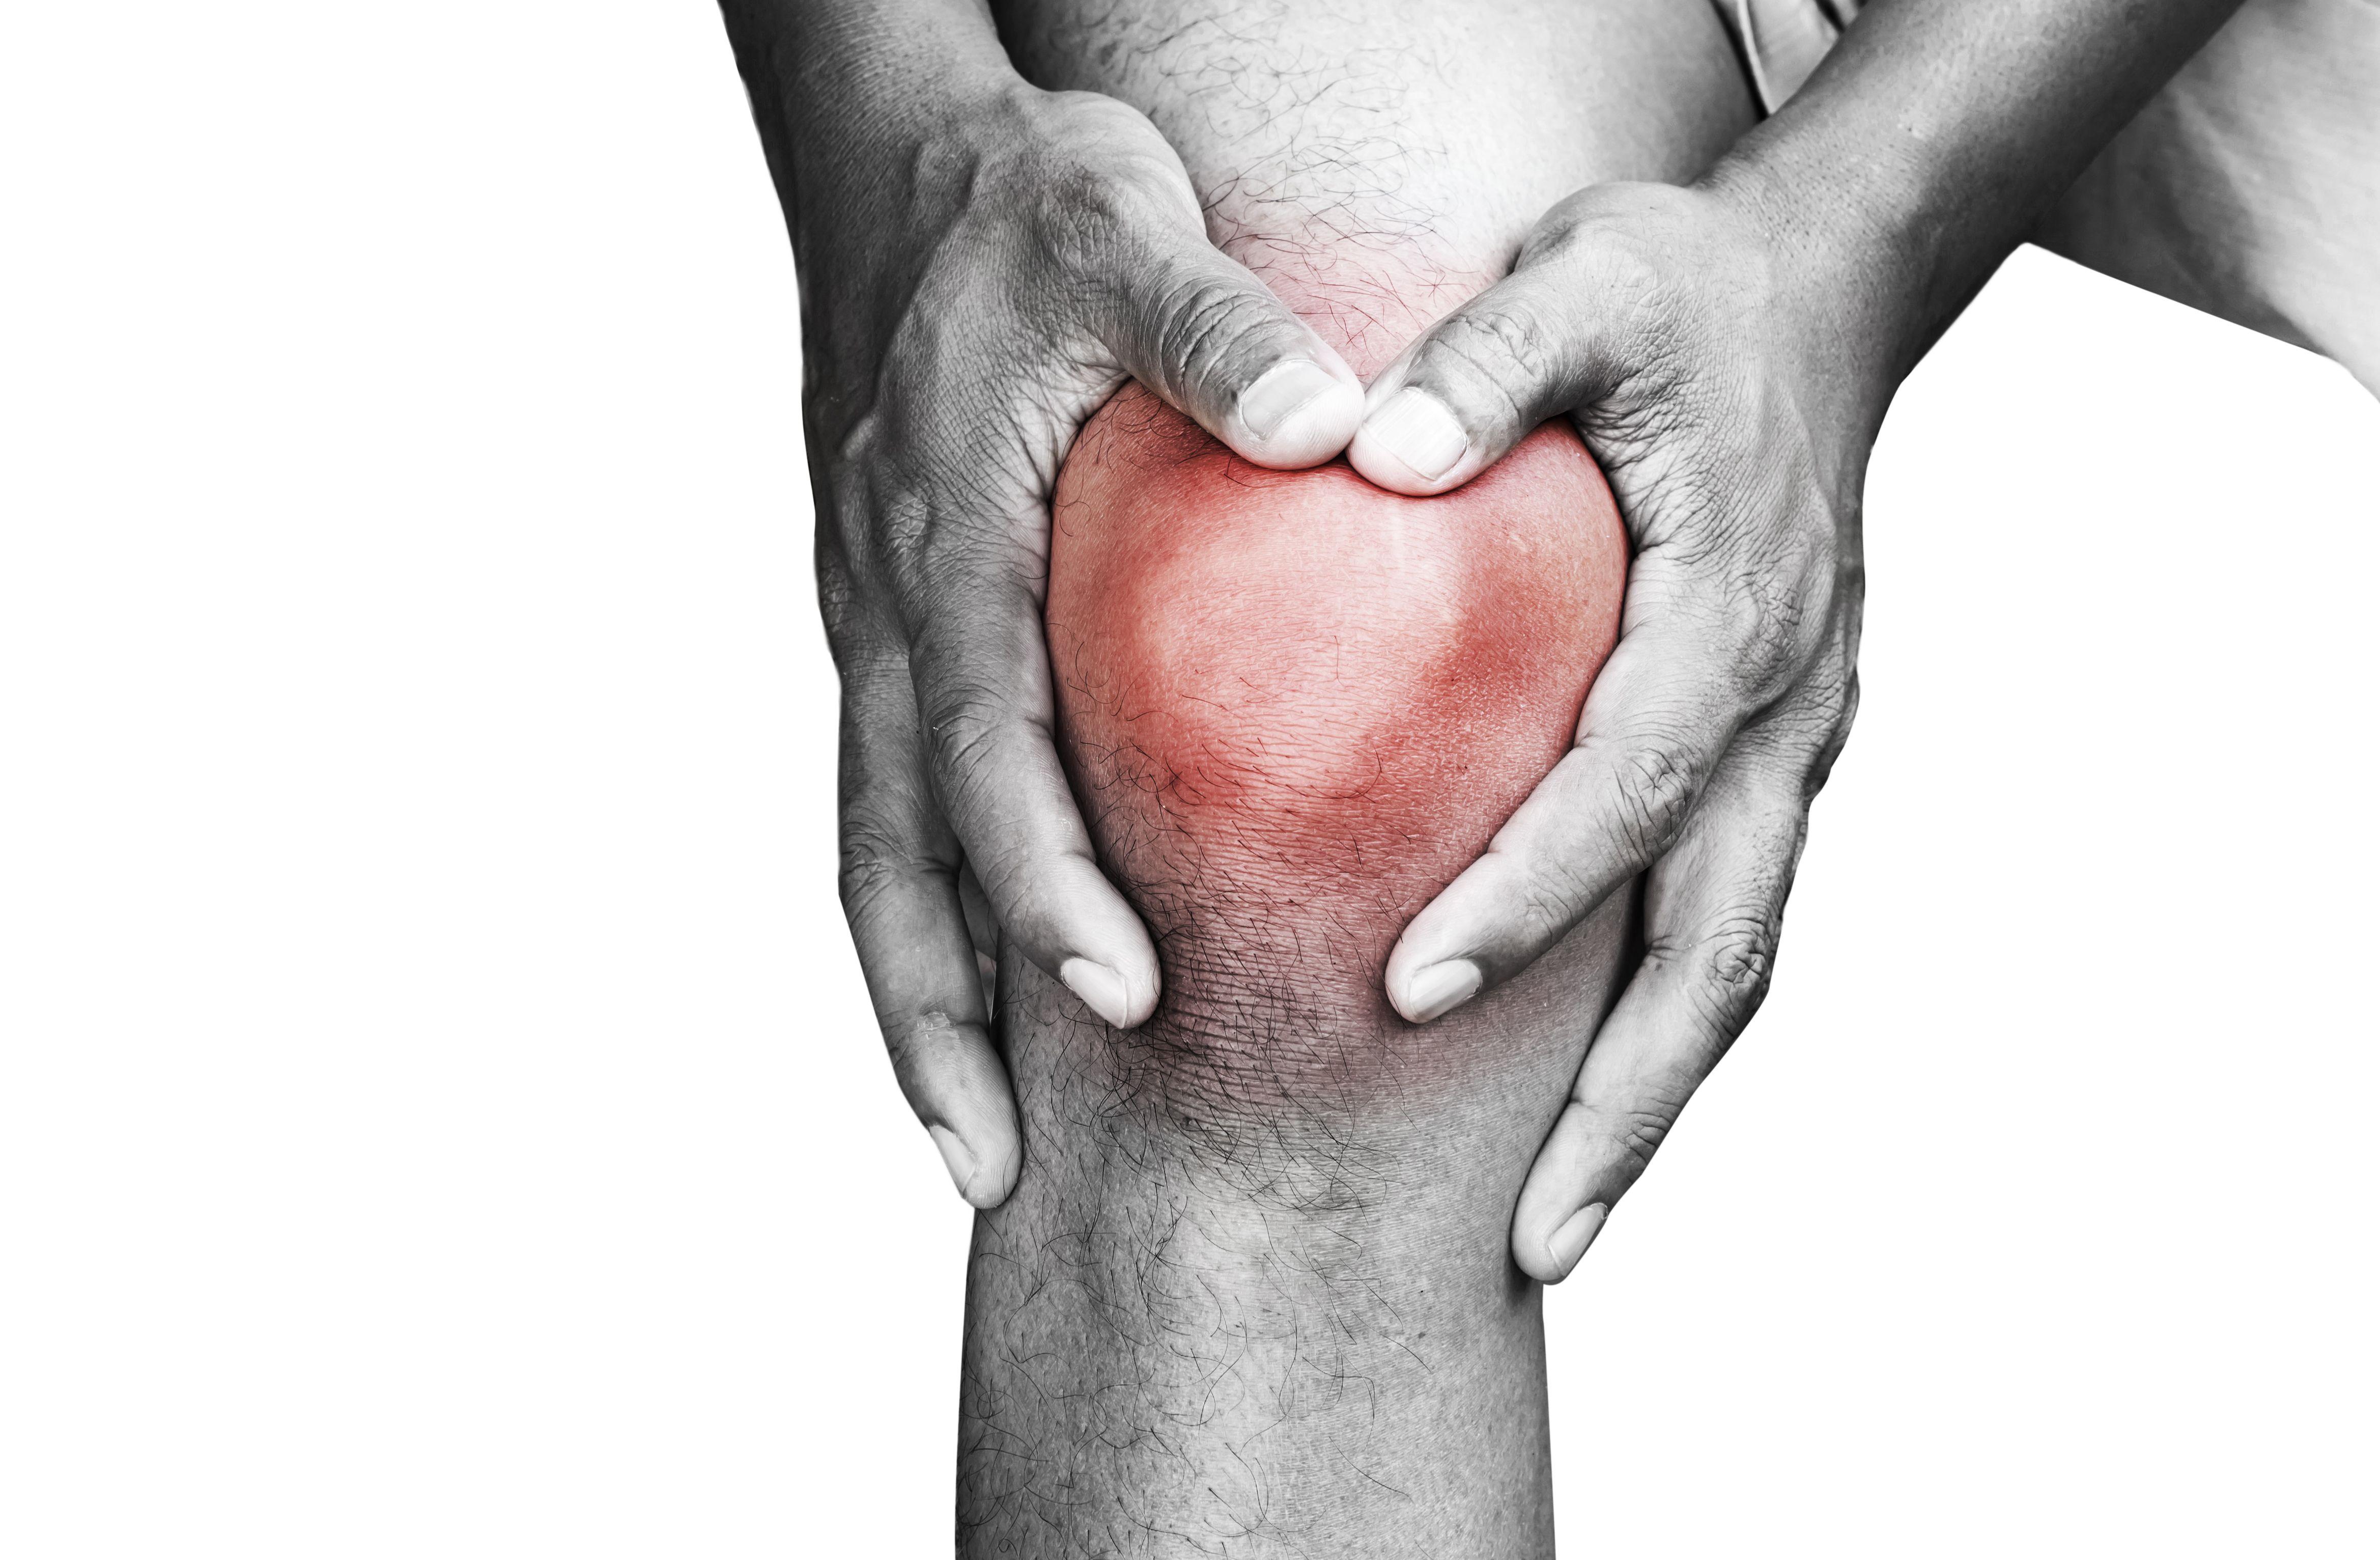 bolesti kolena, čo s tým?